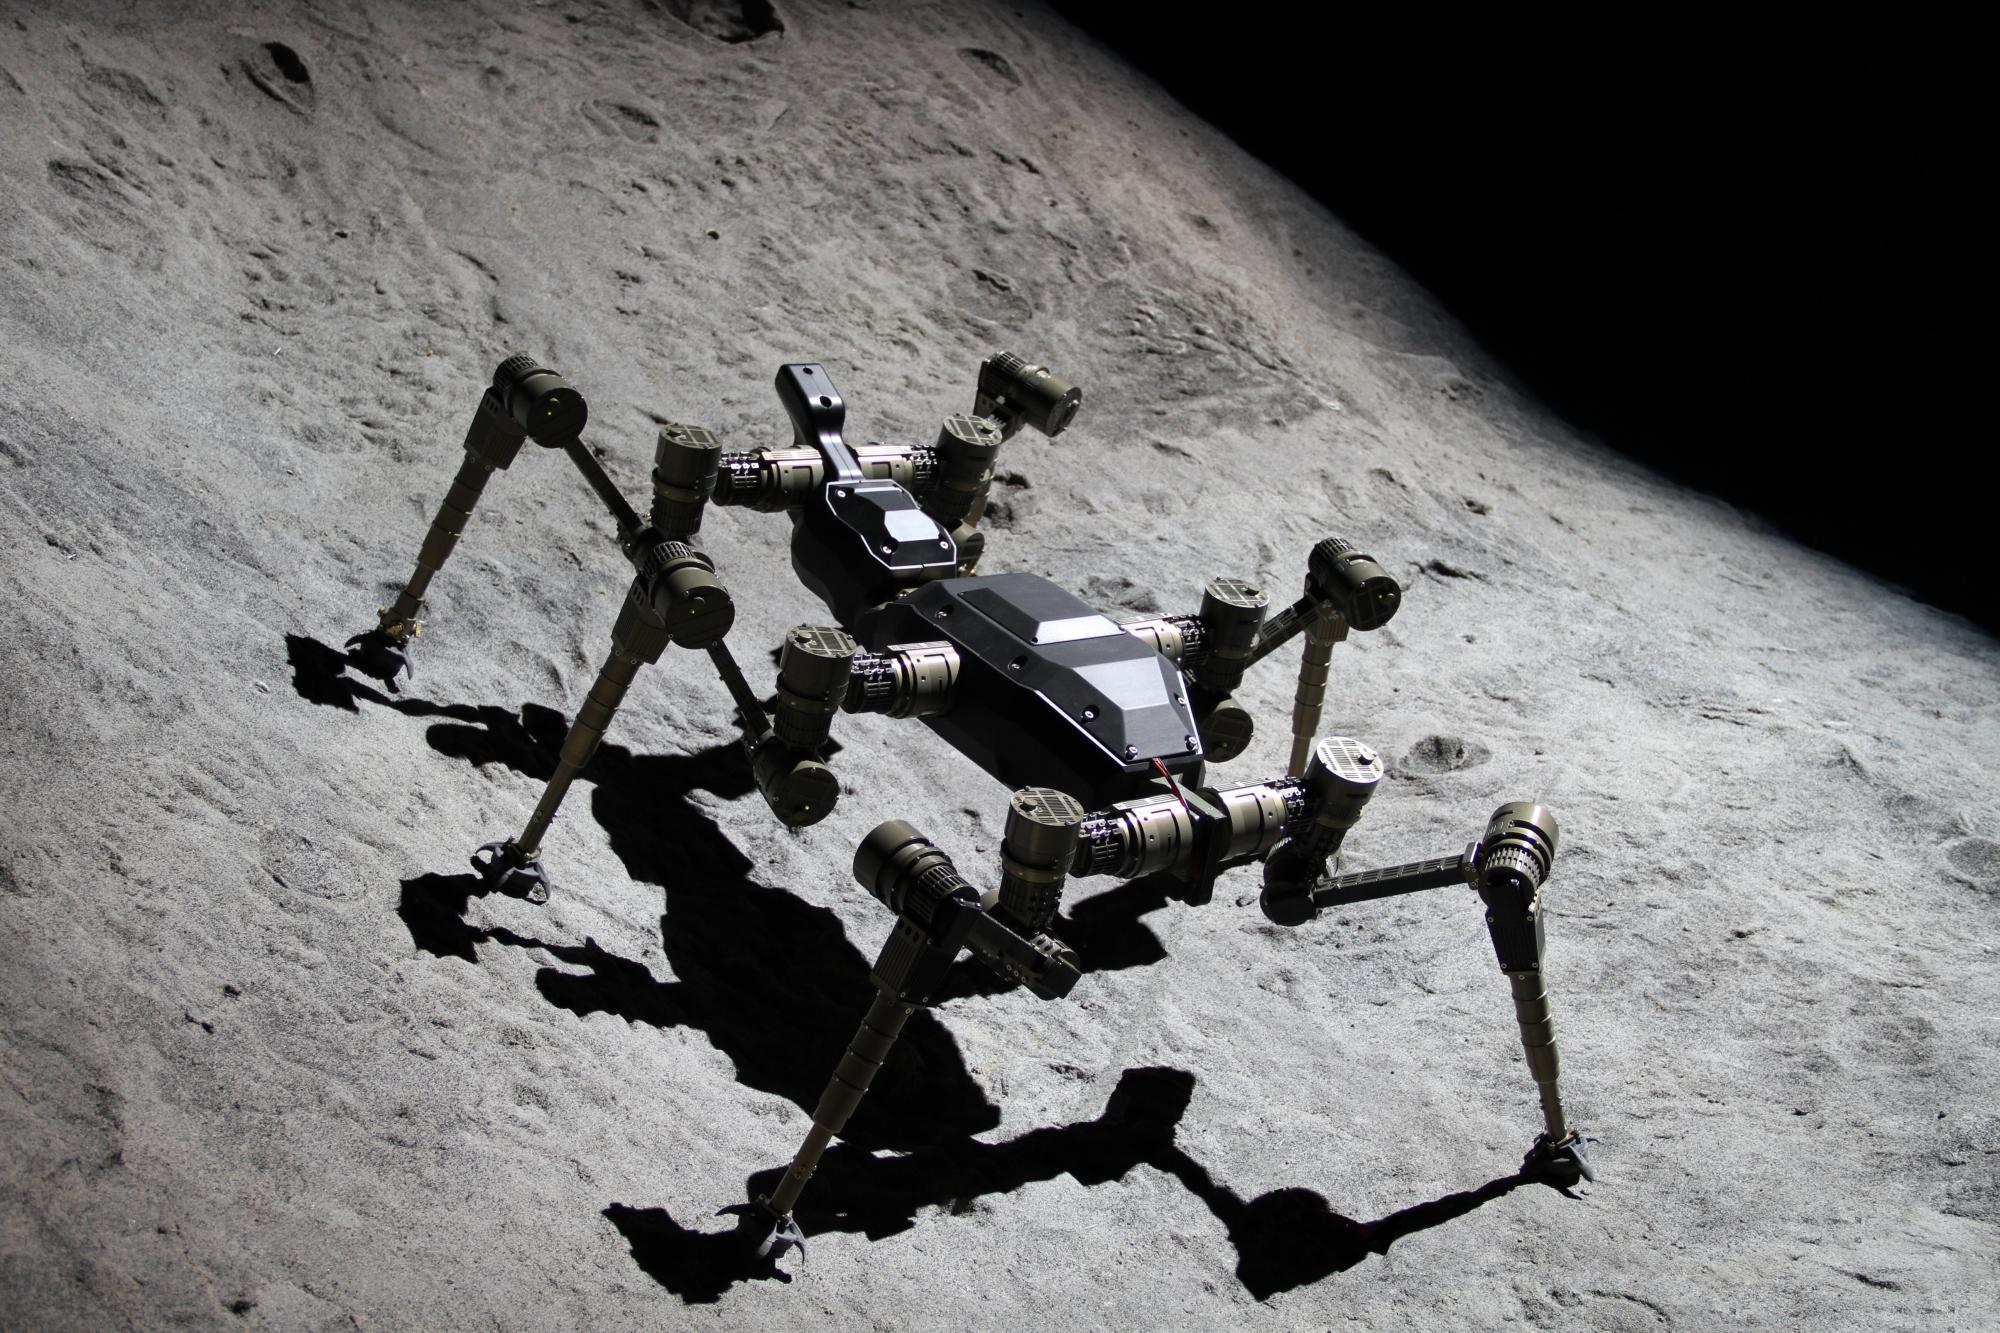 la robotique spatiale du futur